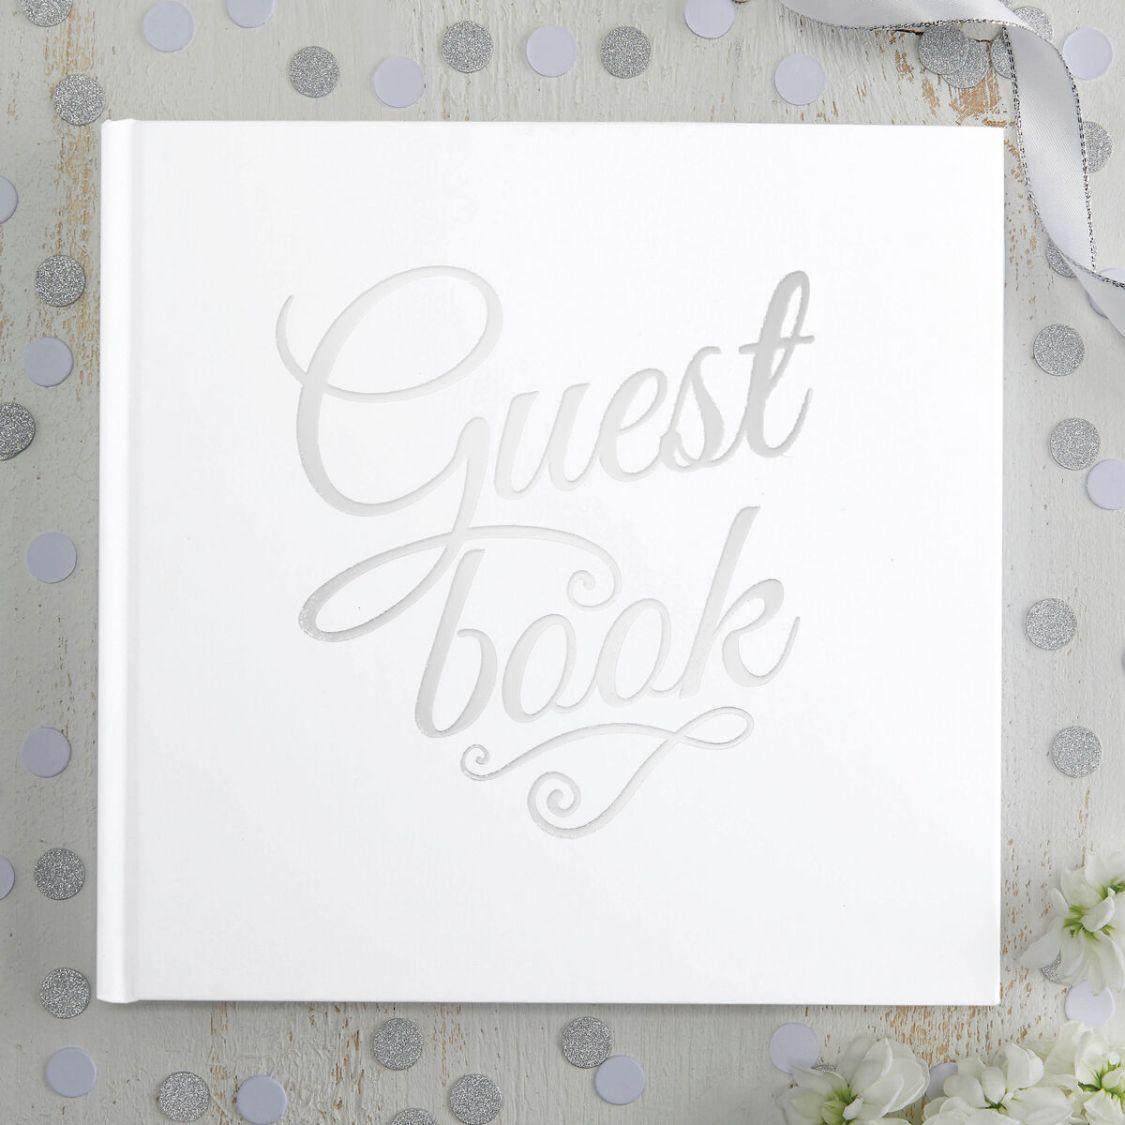 Gästebuch 'Guest Book' weiß / silber Hochzeit Hochzeitsalbum Hochzeitsgästebuch